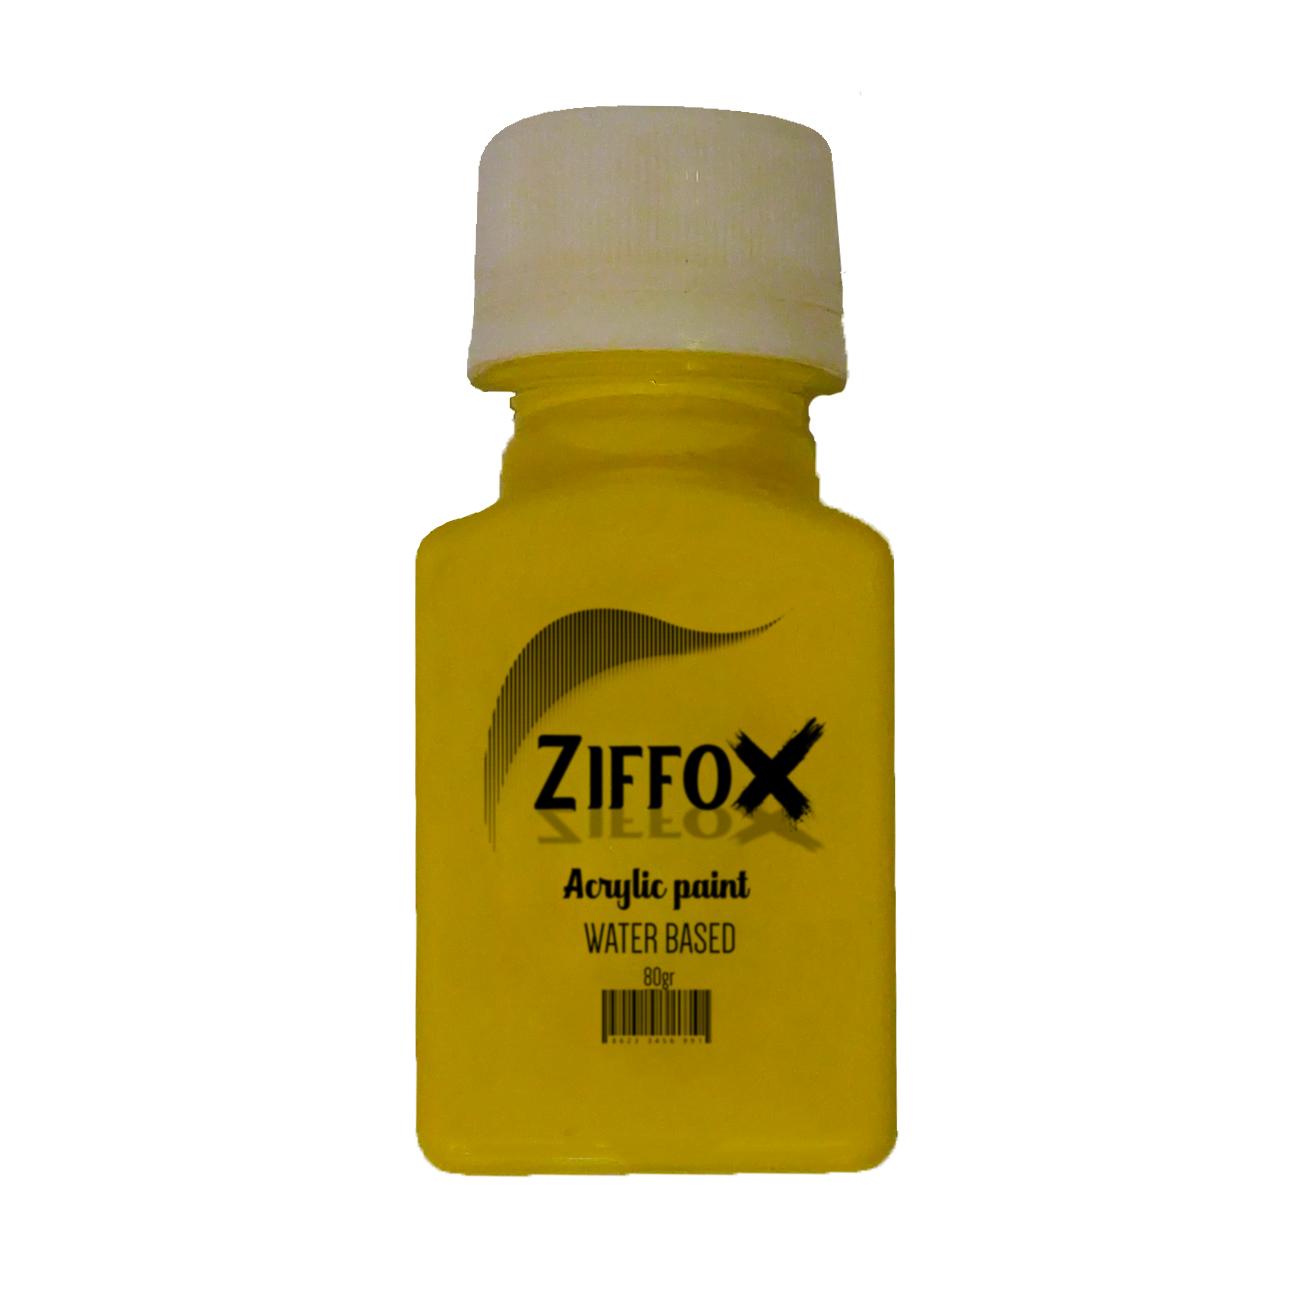 رنگ اکریلیک زیفوکس کد H1 حجم ۶۰ میلی لیتر